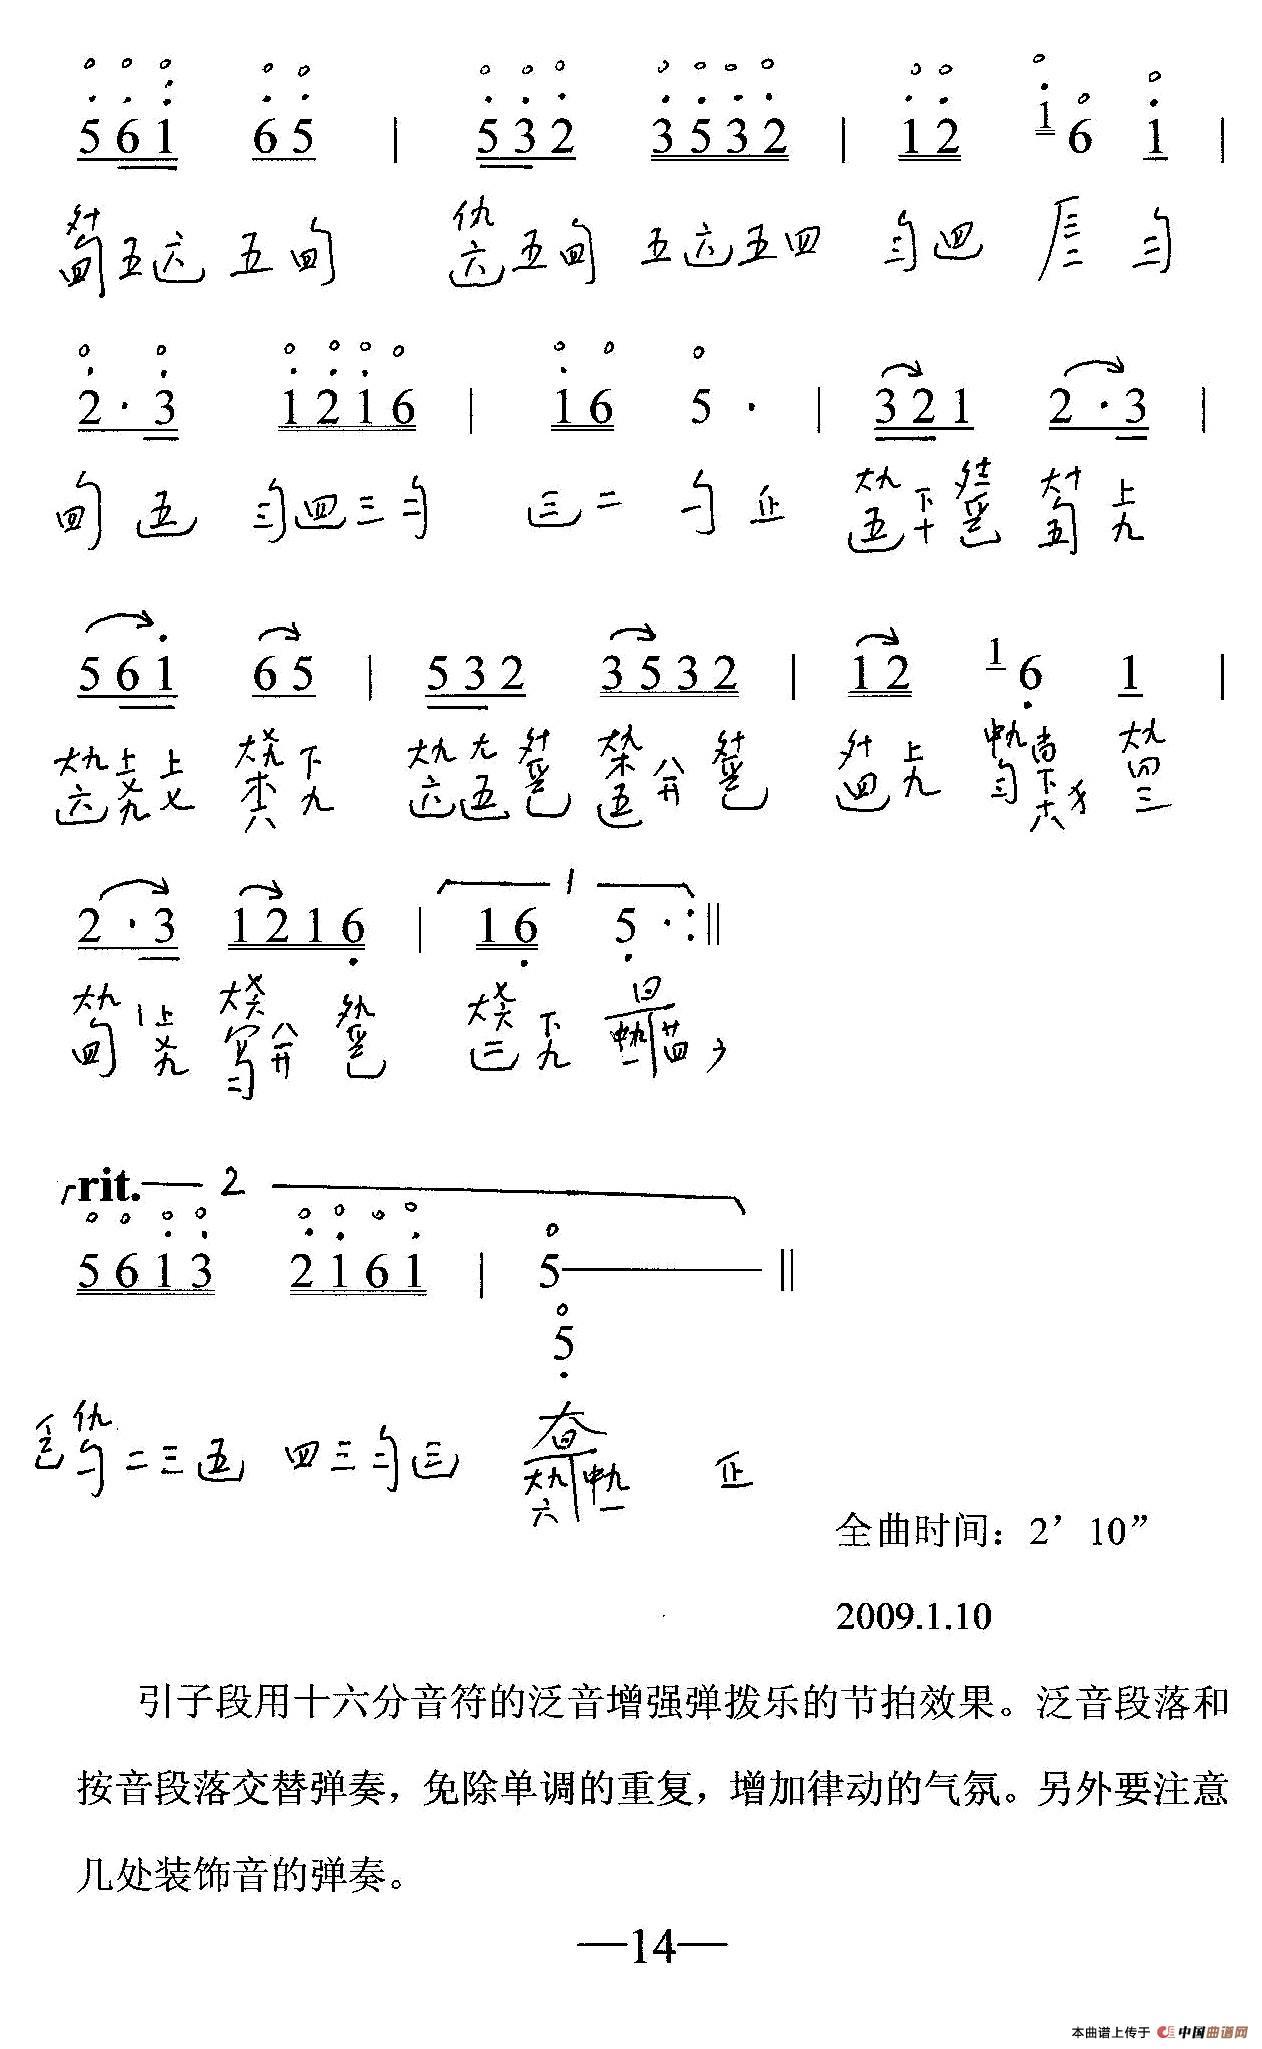 茉莉花(古琴谱,简谱 减字谱)_古筝谱_搜谱网